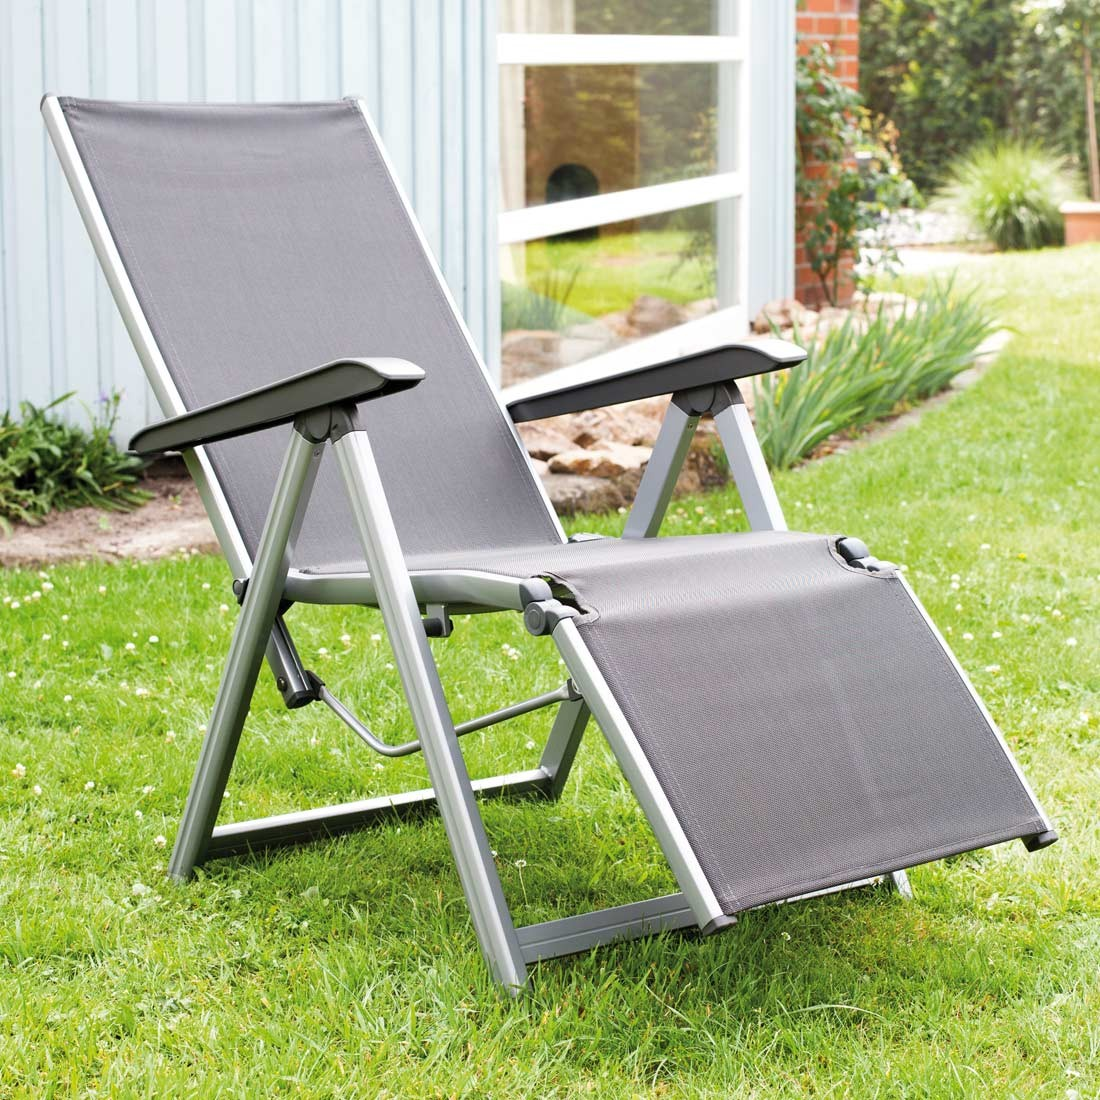 Full Size of Liegesessel Verstellbar Kettler Basic Plus Relaxsessel Aluminium Textilene Garten Und Sofa Mit Verstellbarer Sitztiefe Wohnzimmer Liegesessel Verstellbar